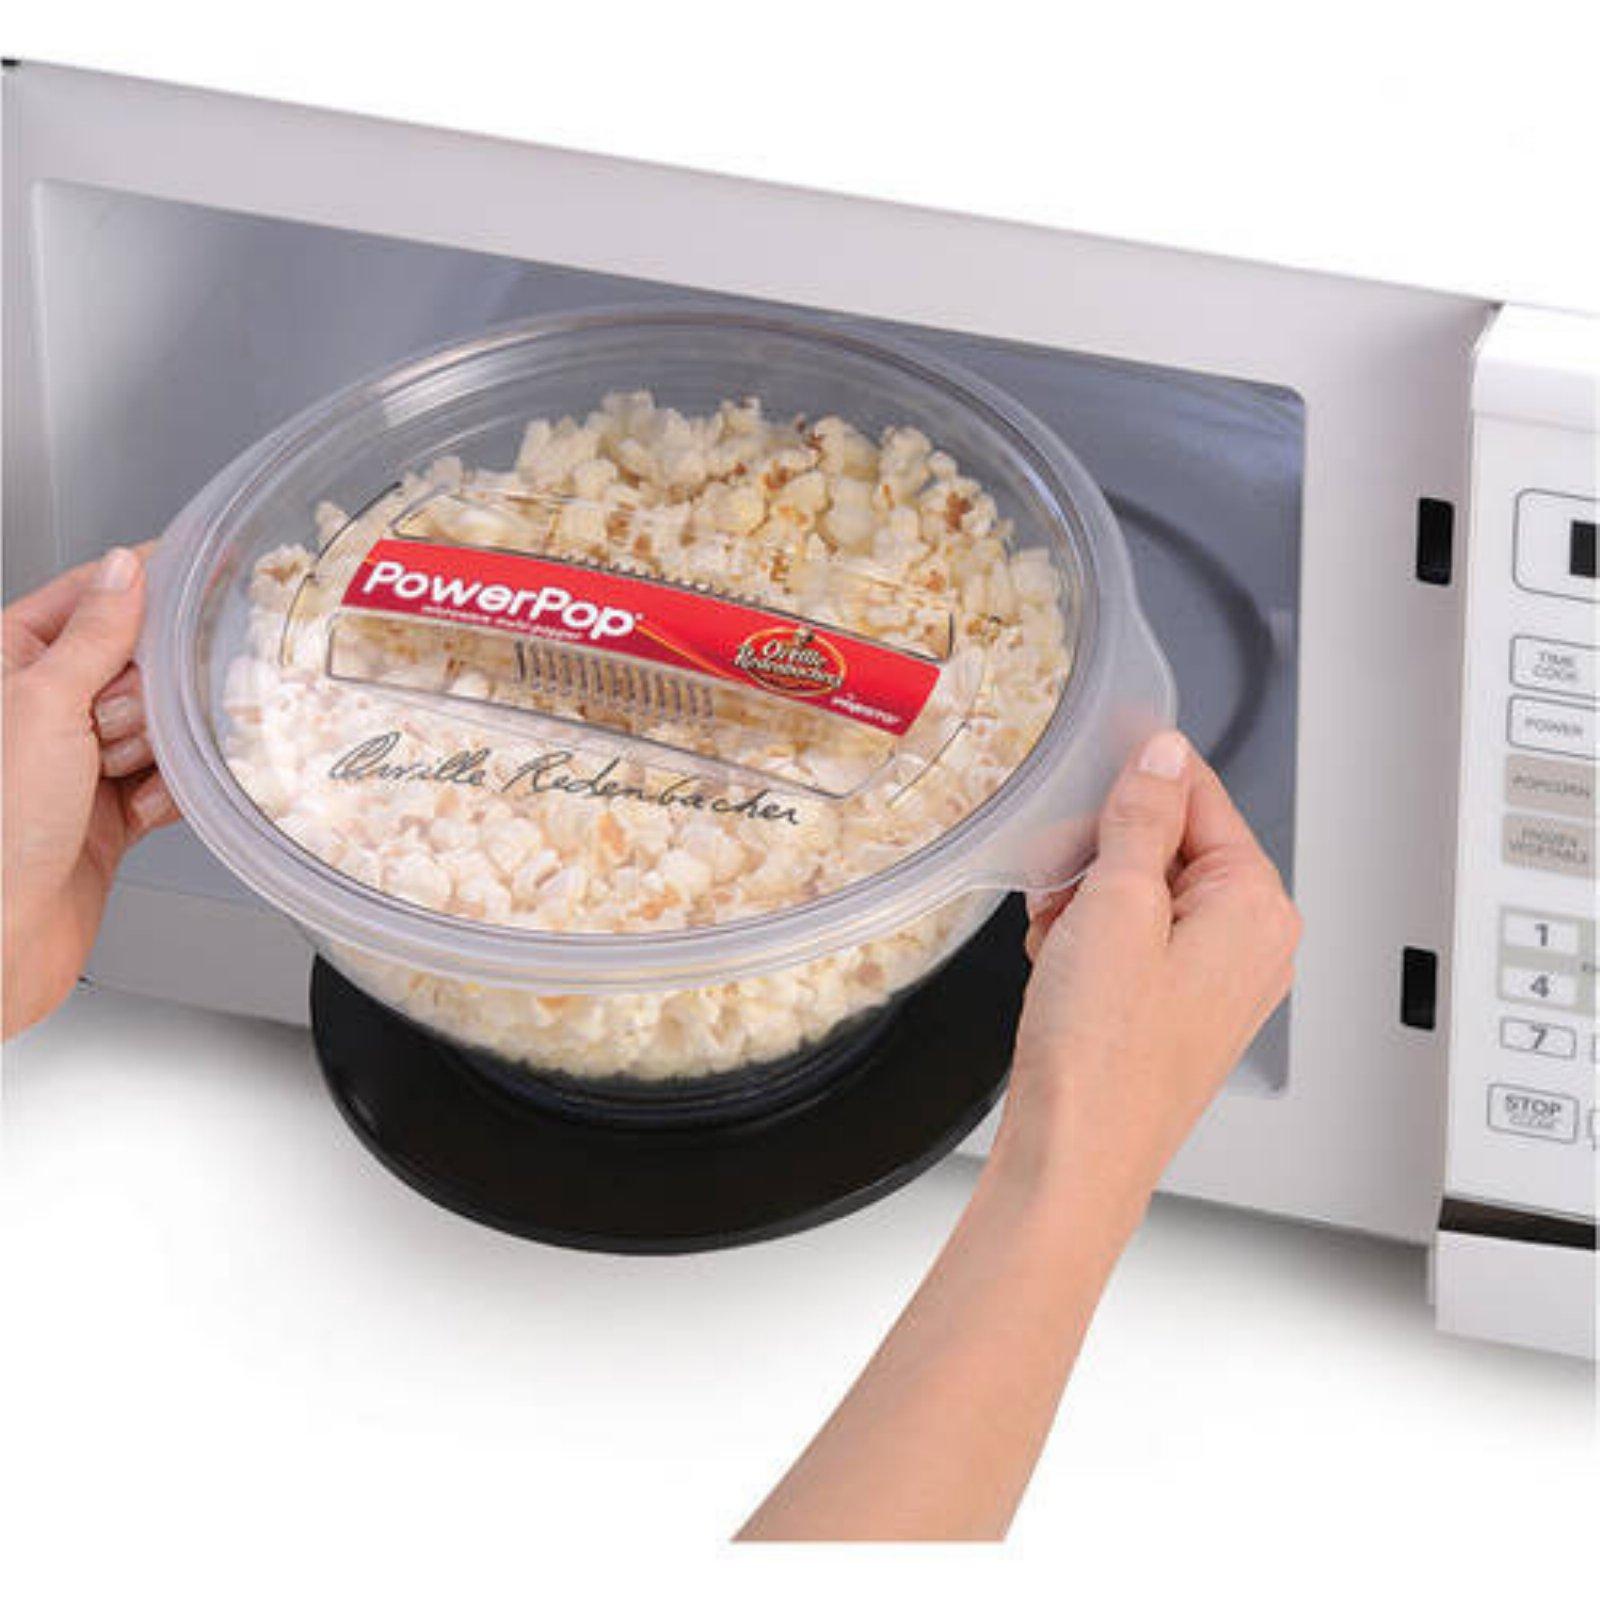 Presto Pop Microwave Popcorn